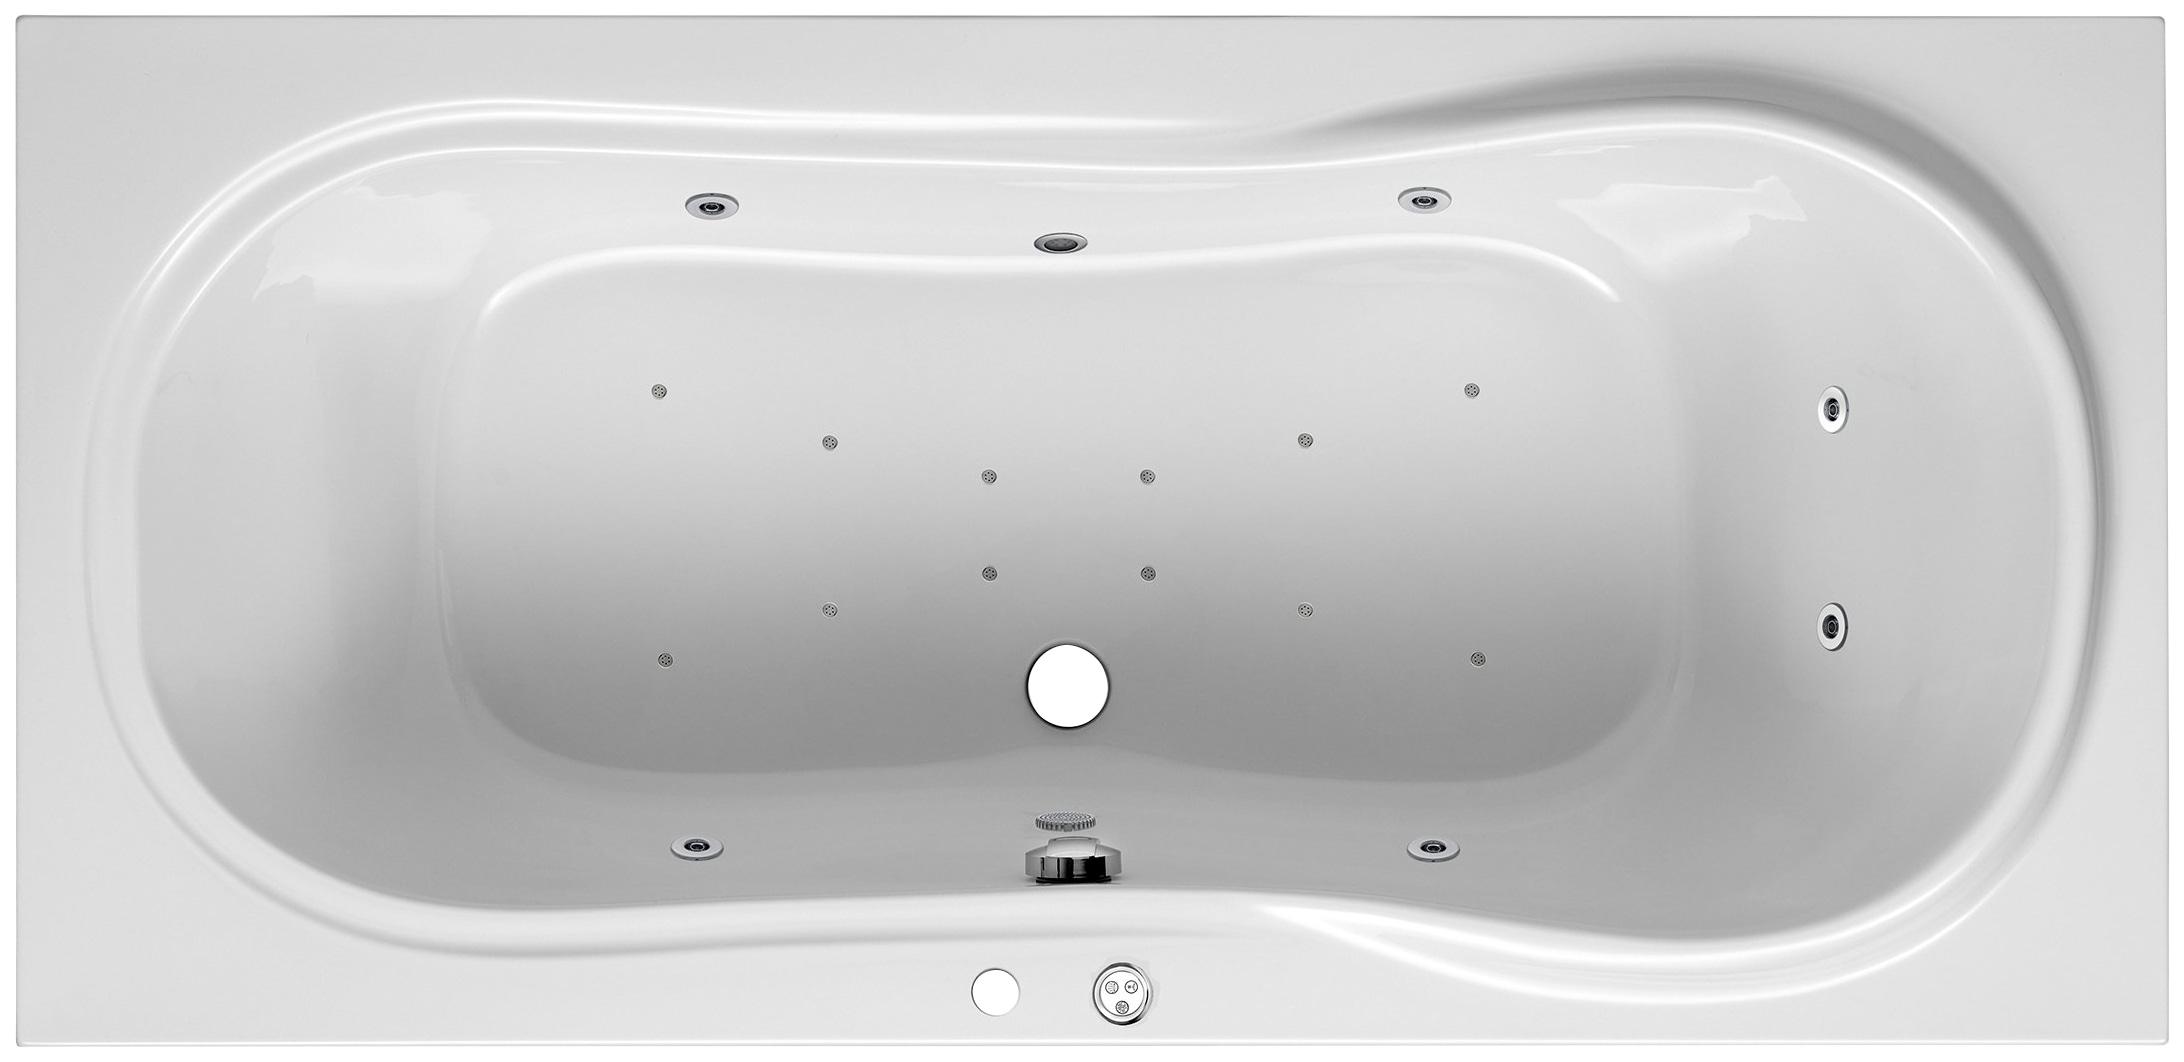 Whirlpool whirlpools online kaufen möbel suchmaschine